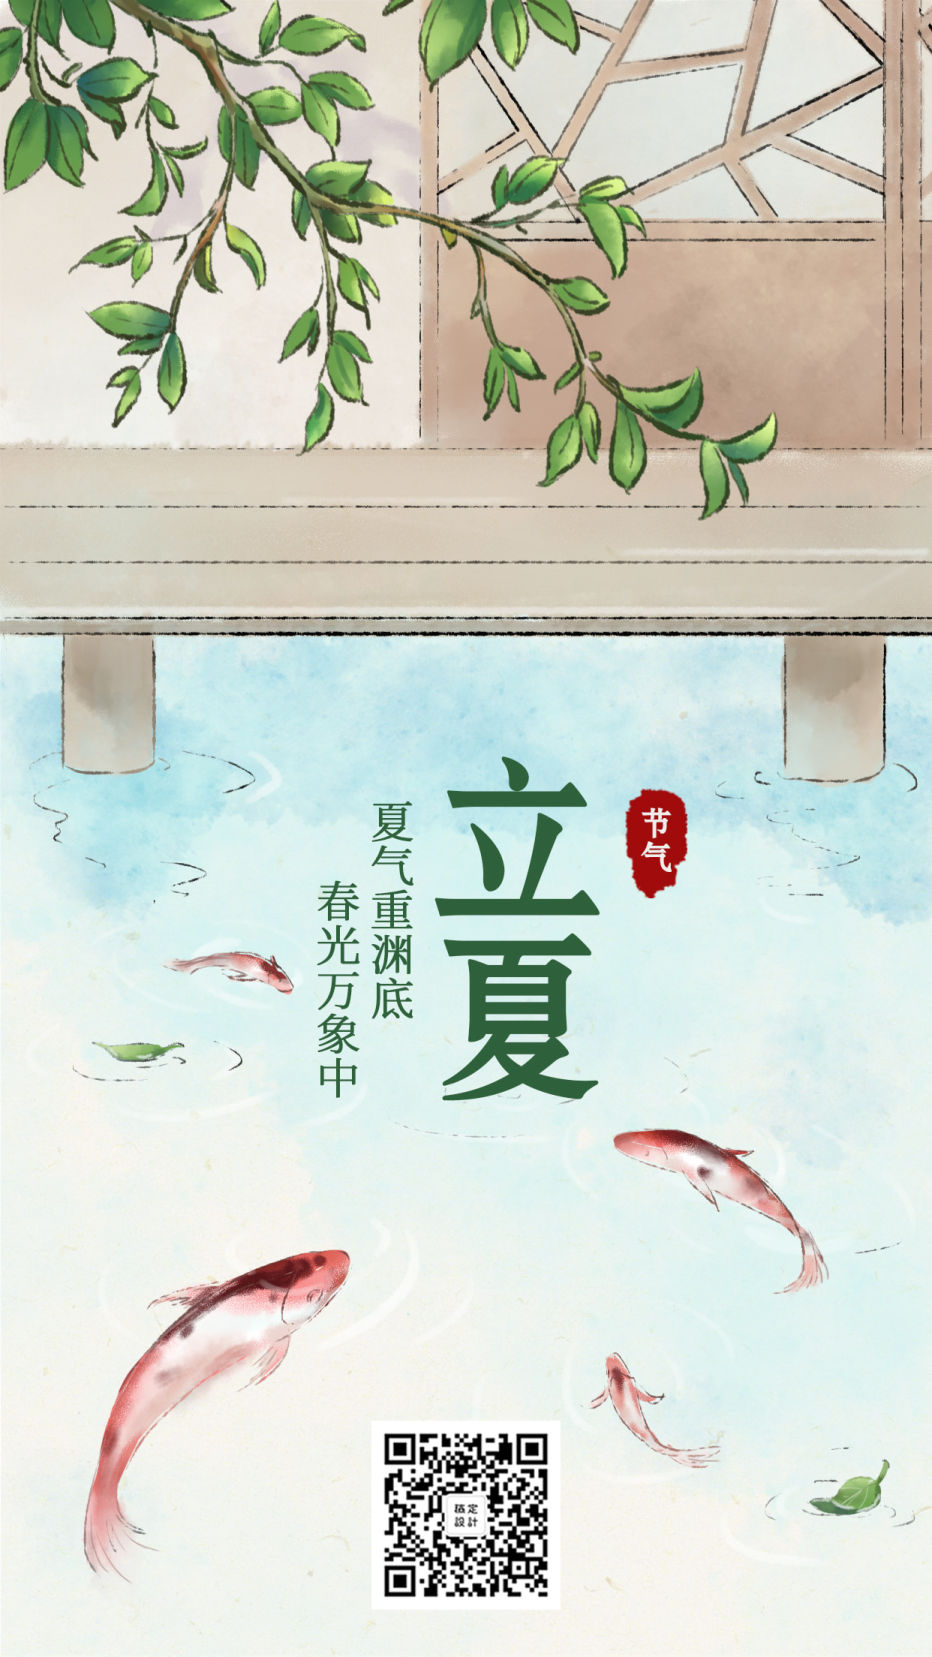 立夏/插画/手机海报